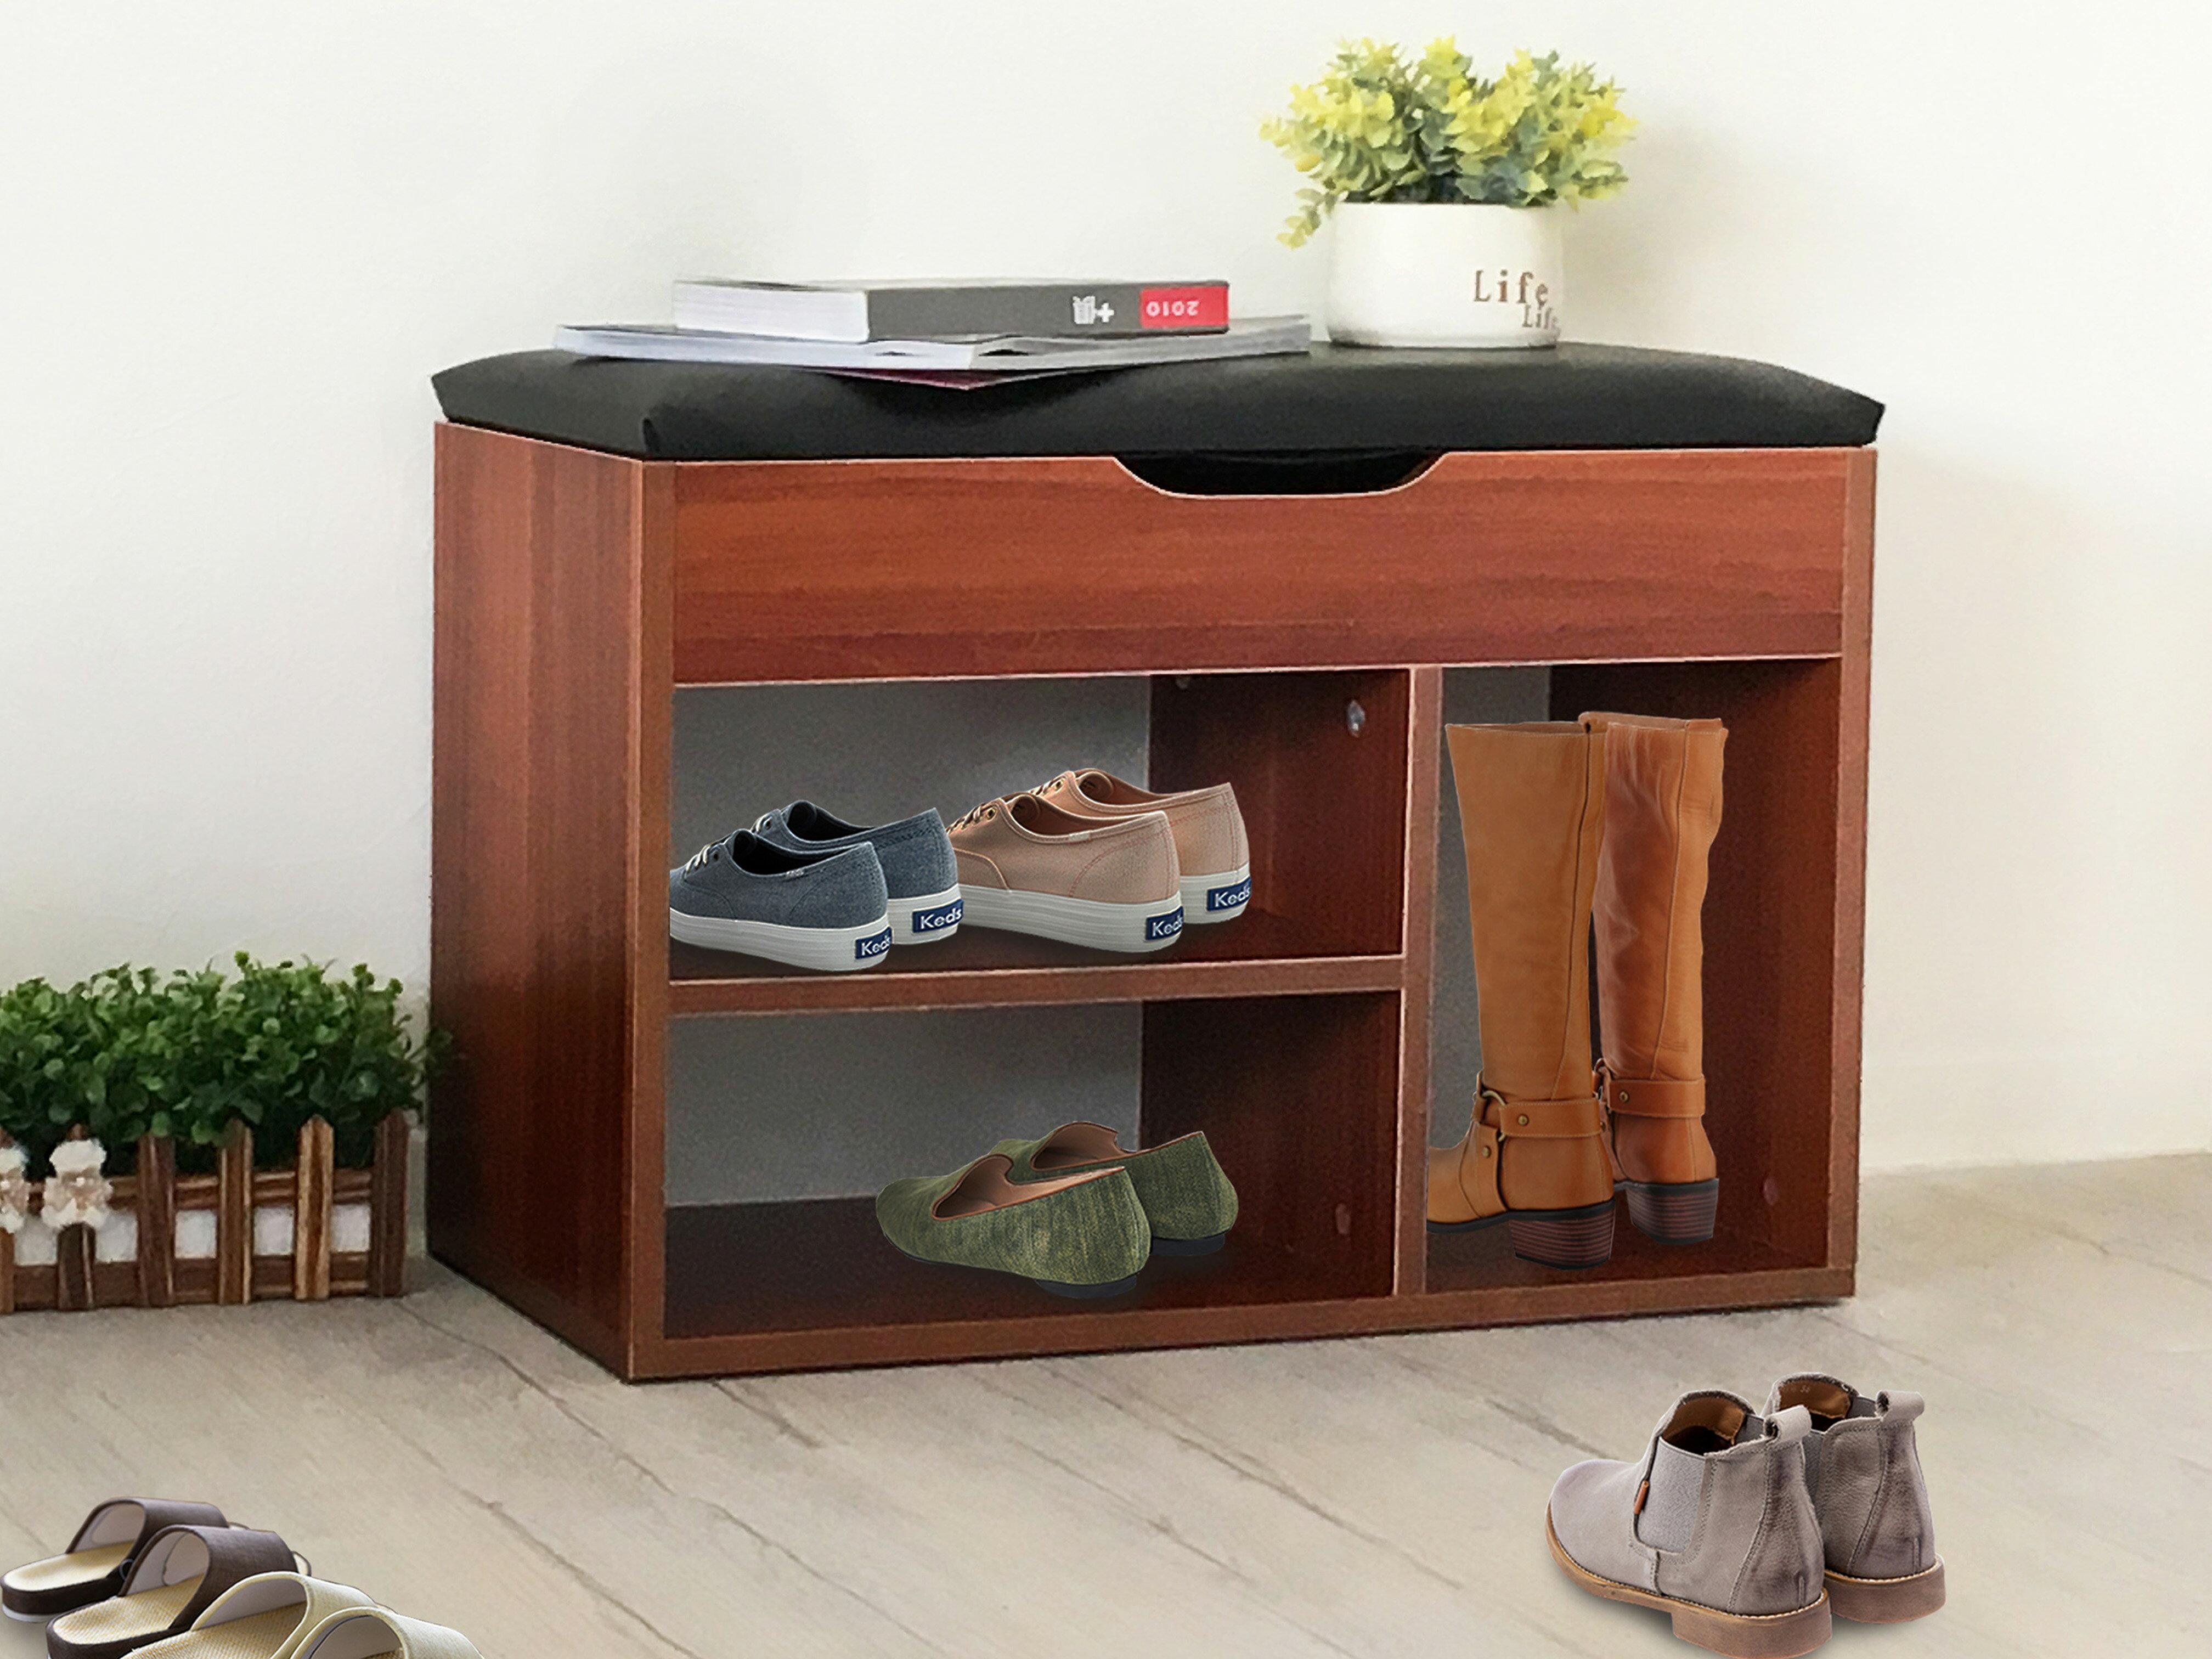 【新生活家具】 栗色 美式 簡約 收納櫃 多功能櫃 鞋櫃 玄關櫃 穿鞋櫃 《艾米》 非 H&D ikea 宜家